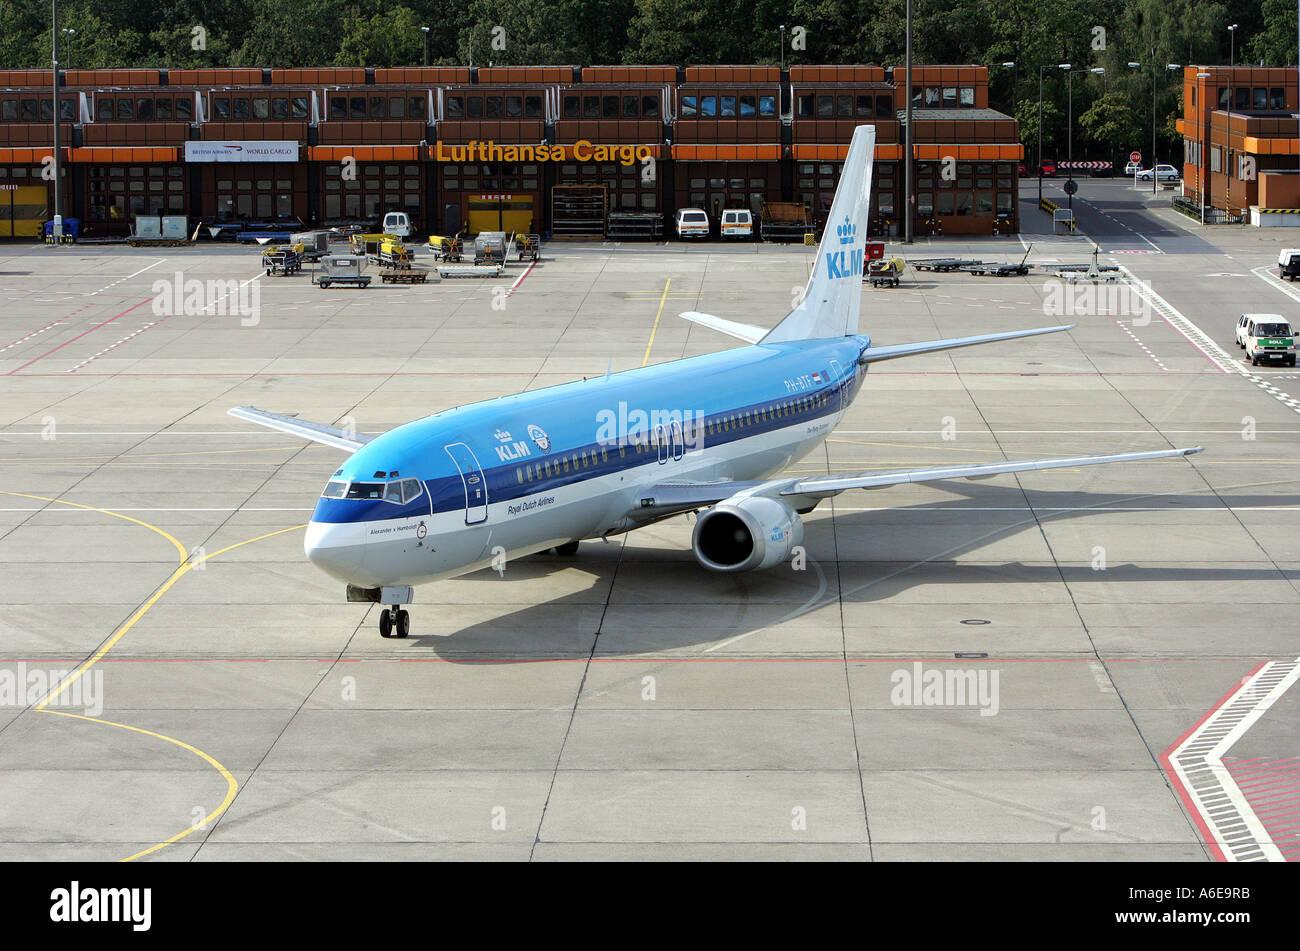 KLM airplane at Tegel airport, Berlin - Stock Image